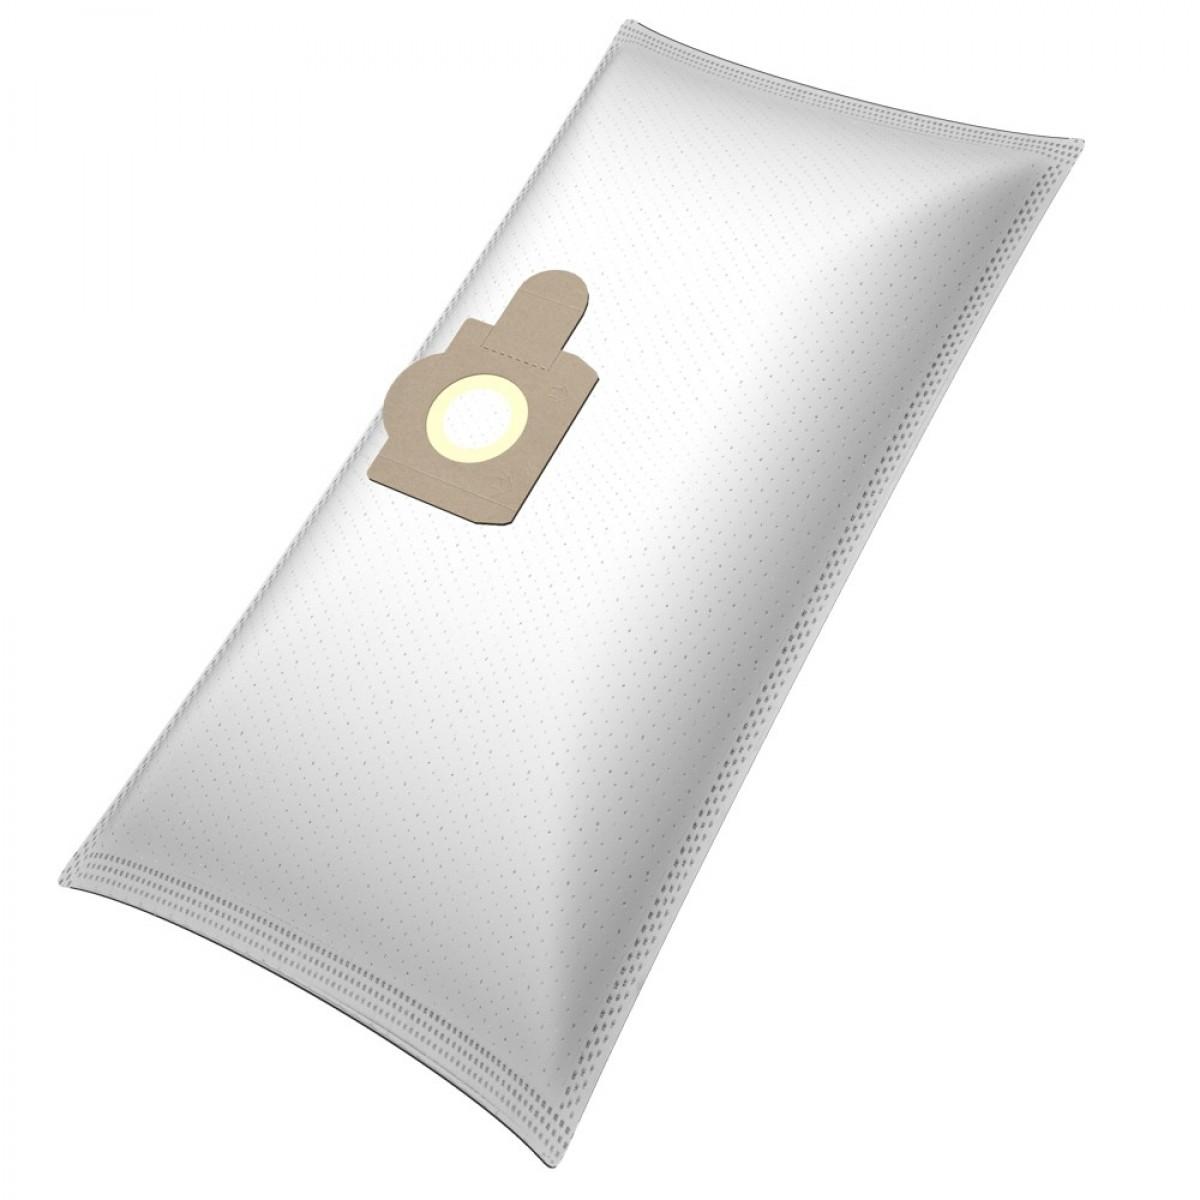 POWER-BAG SIEMENS/BOSCH PAS 11-21 - 5 stk